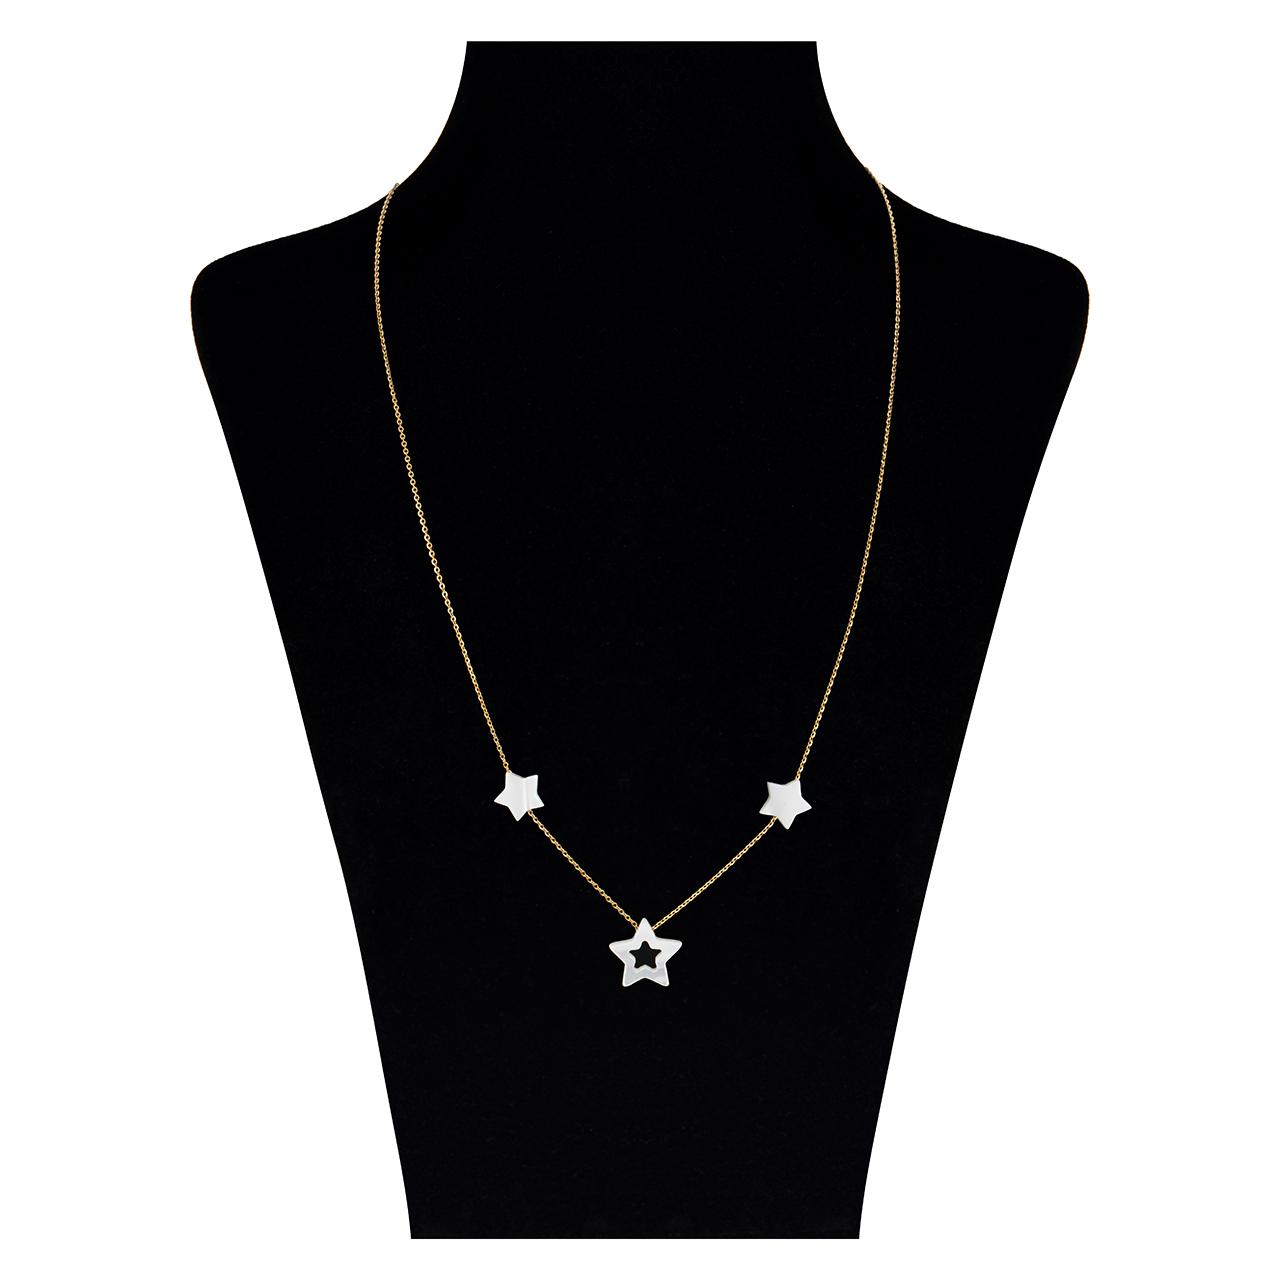 قیمت گردنبند طلا 18 عیار مایا ماهک مدل MM0868